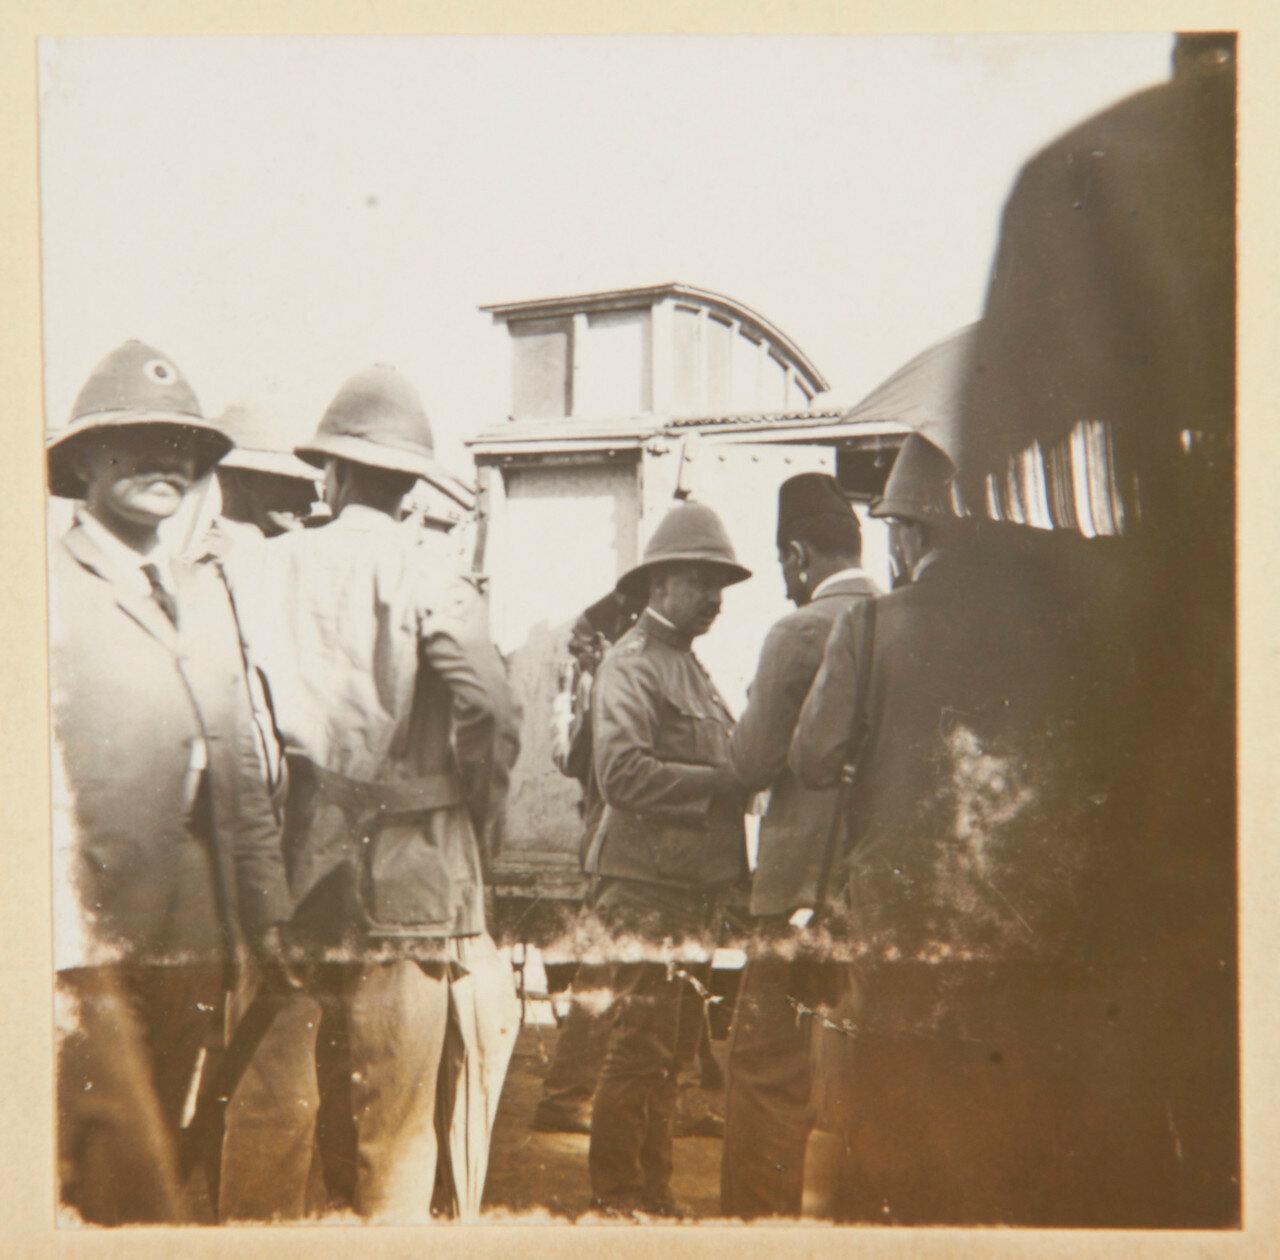 Полковник Уингейт (1861-1953) покидает поезд